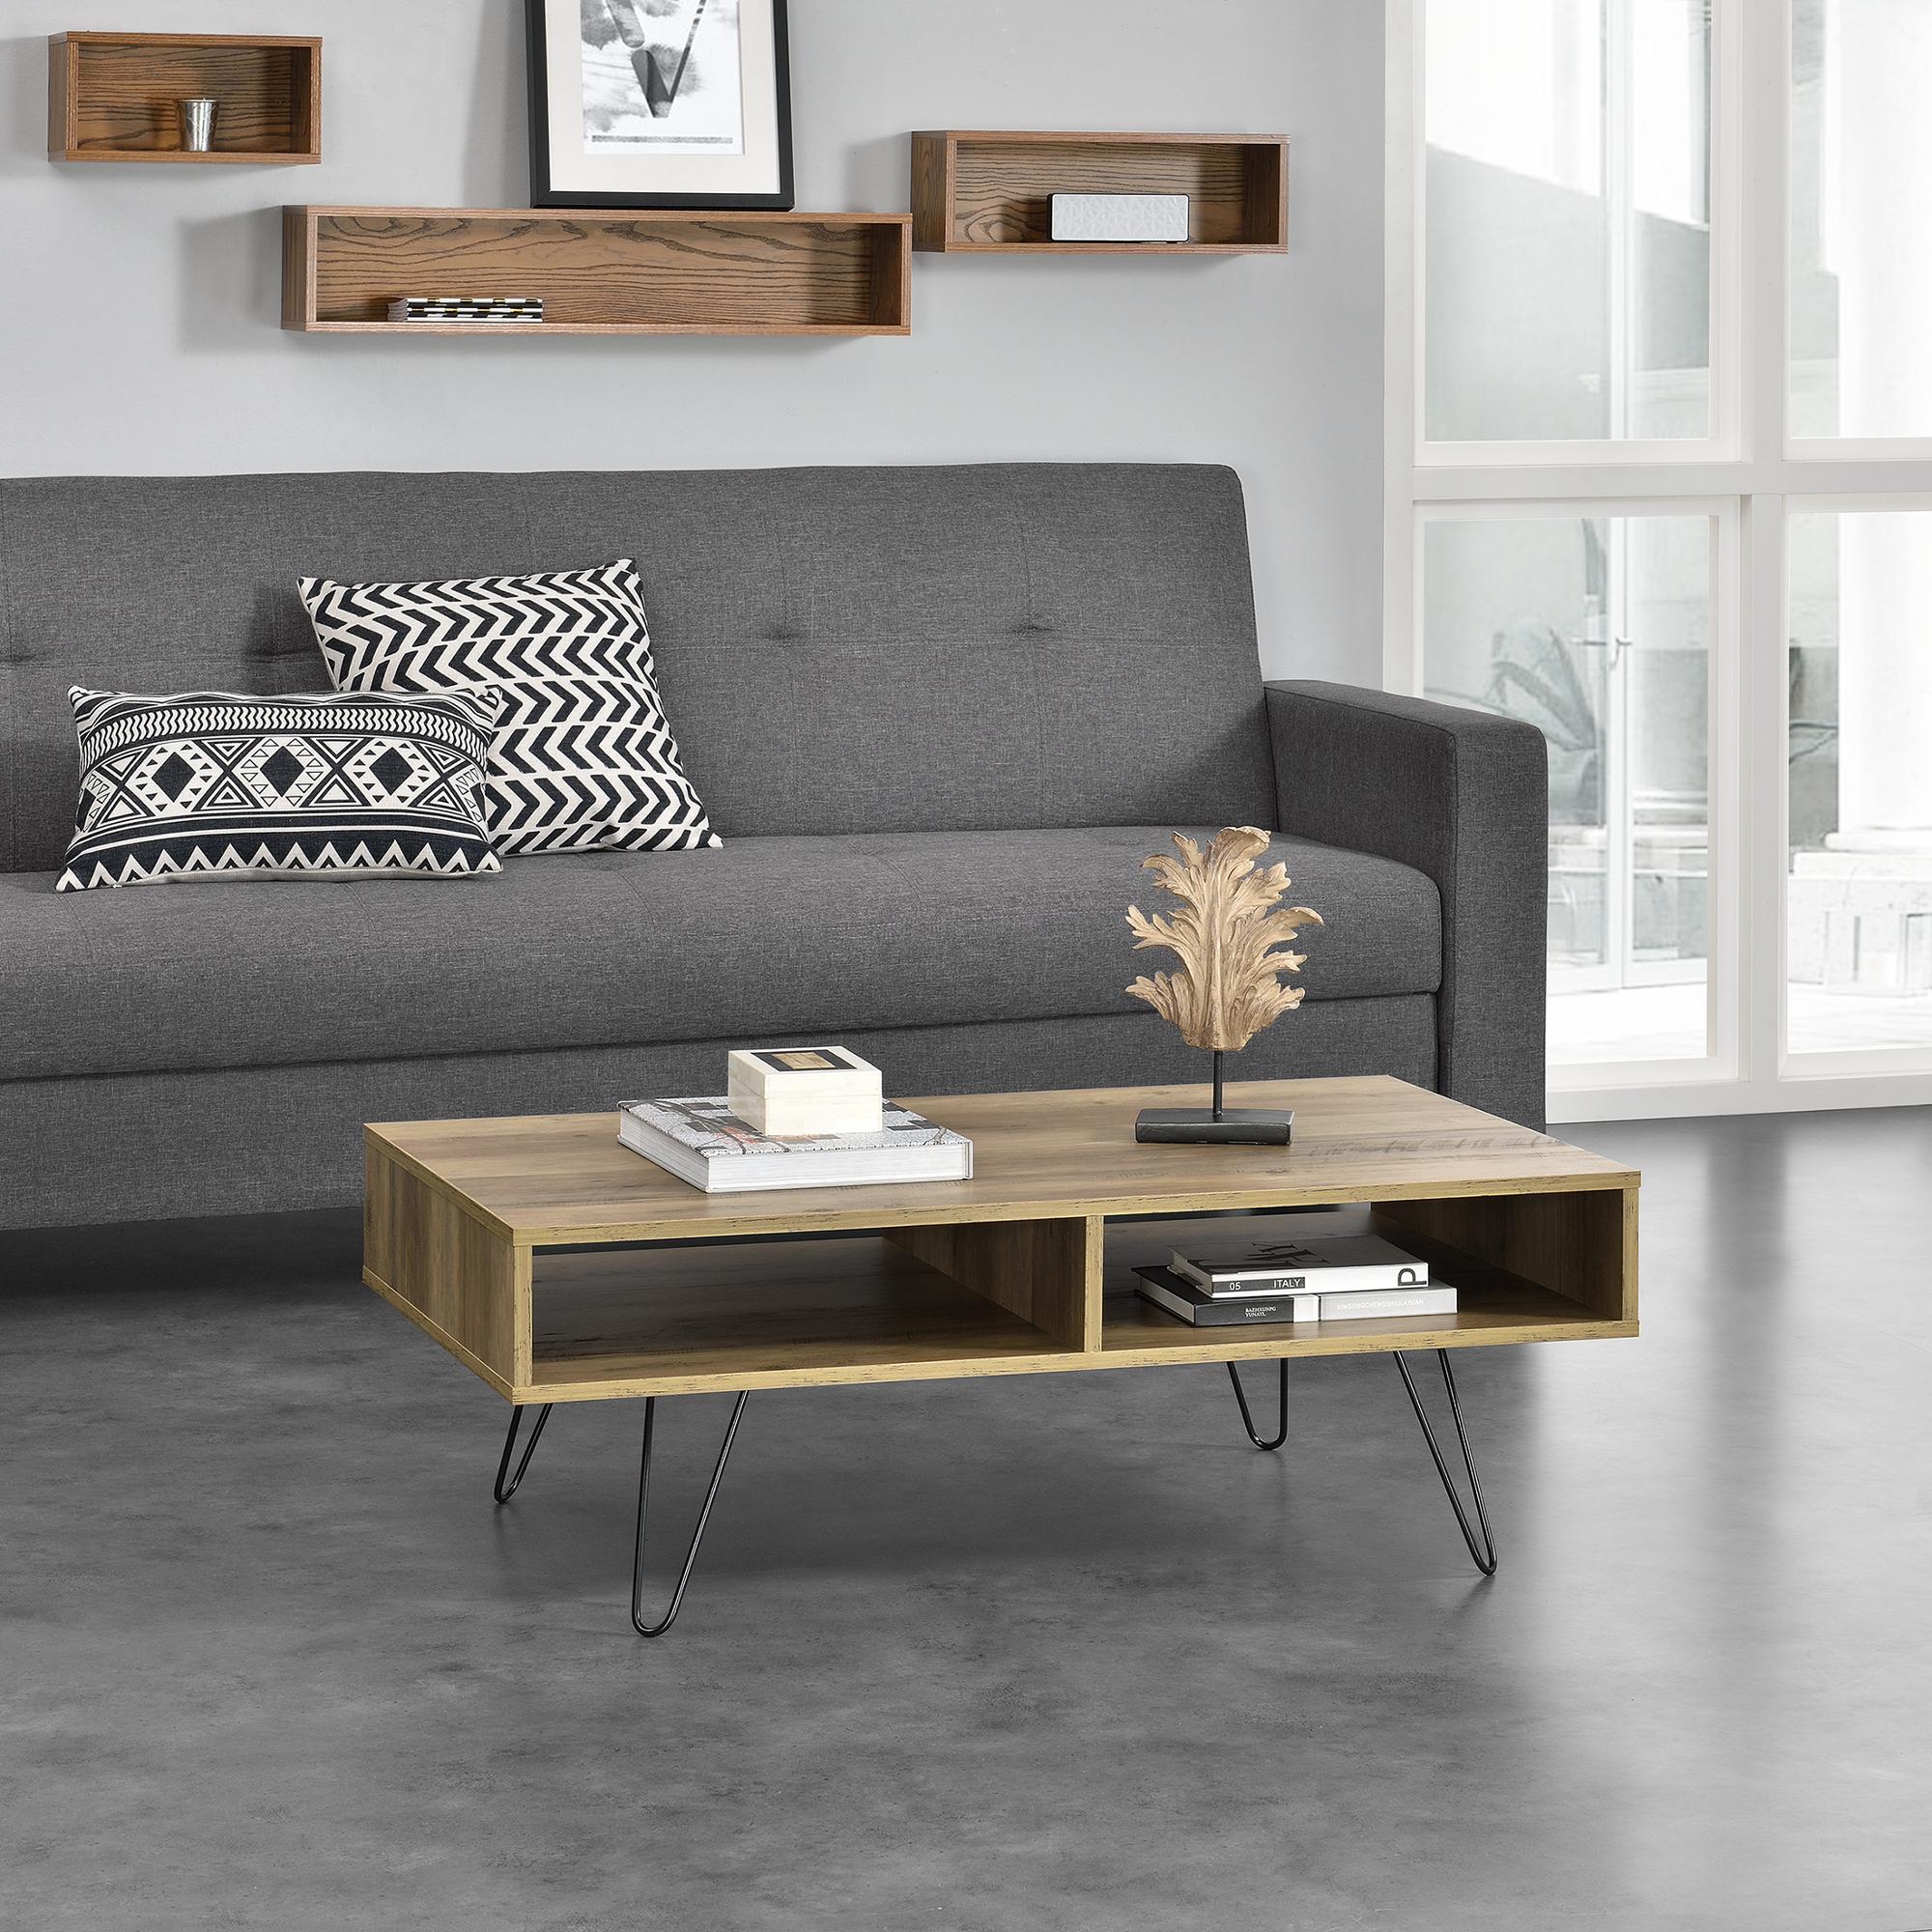 couchtisch 100x60x35cm wohnzimmertisch beistelltisch holz optik mdf ebay. Black Bedroom Furniture Sets. Home Design Ideas